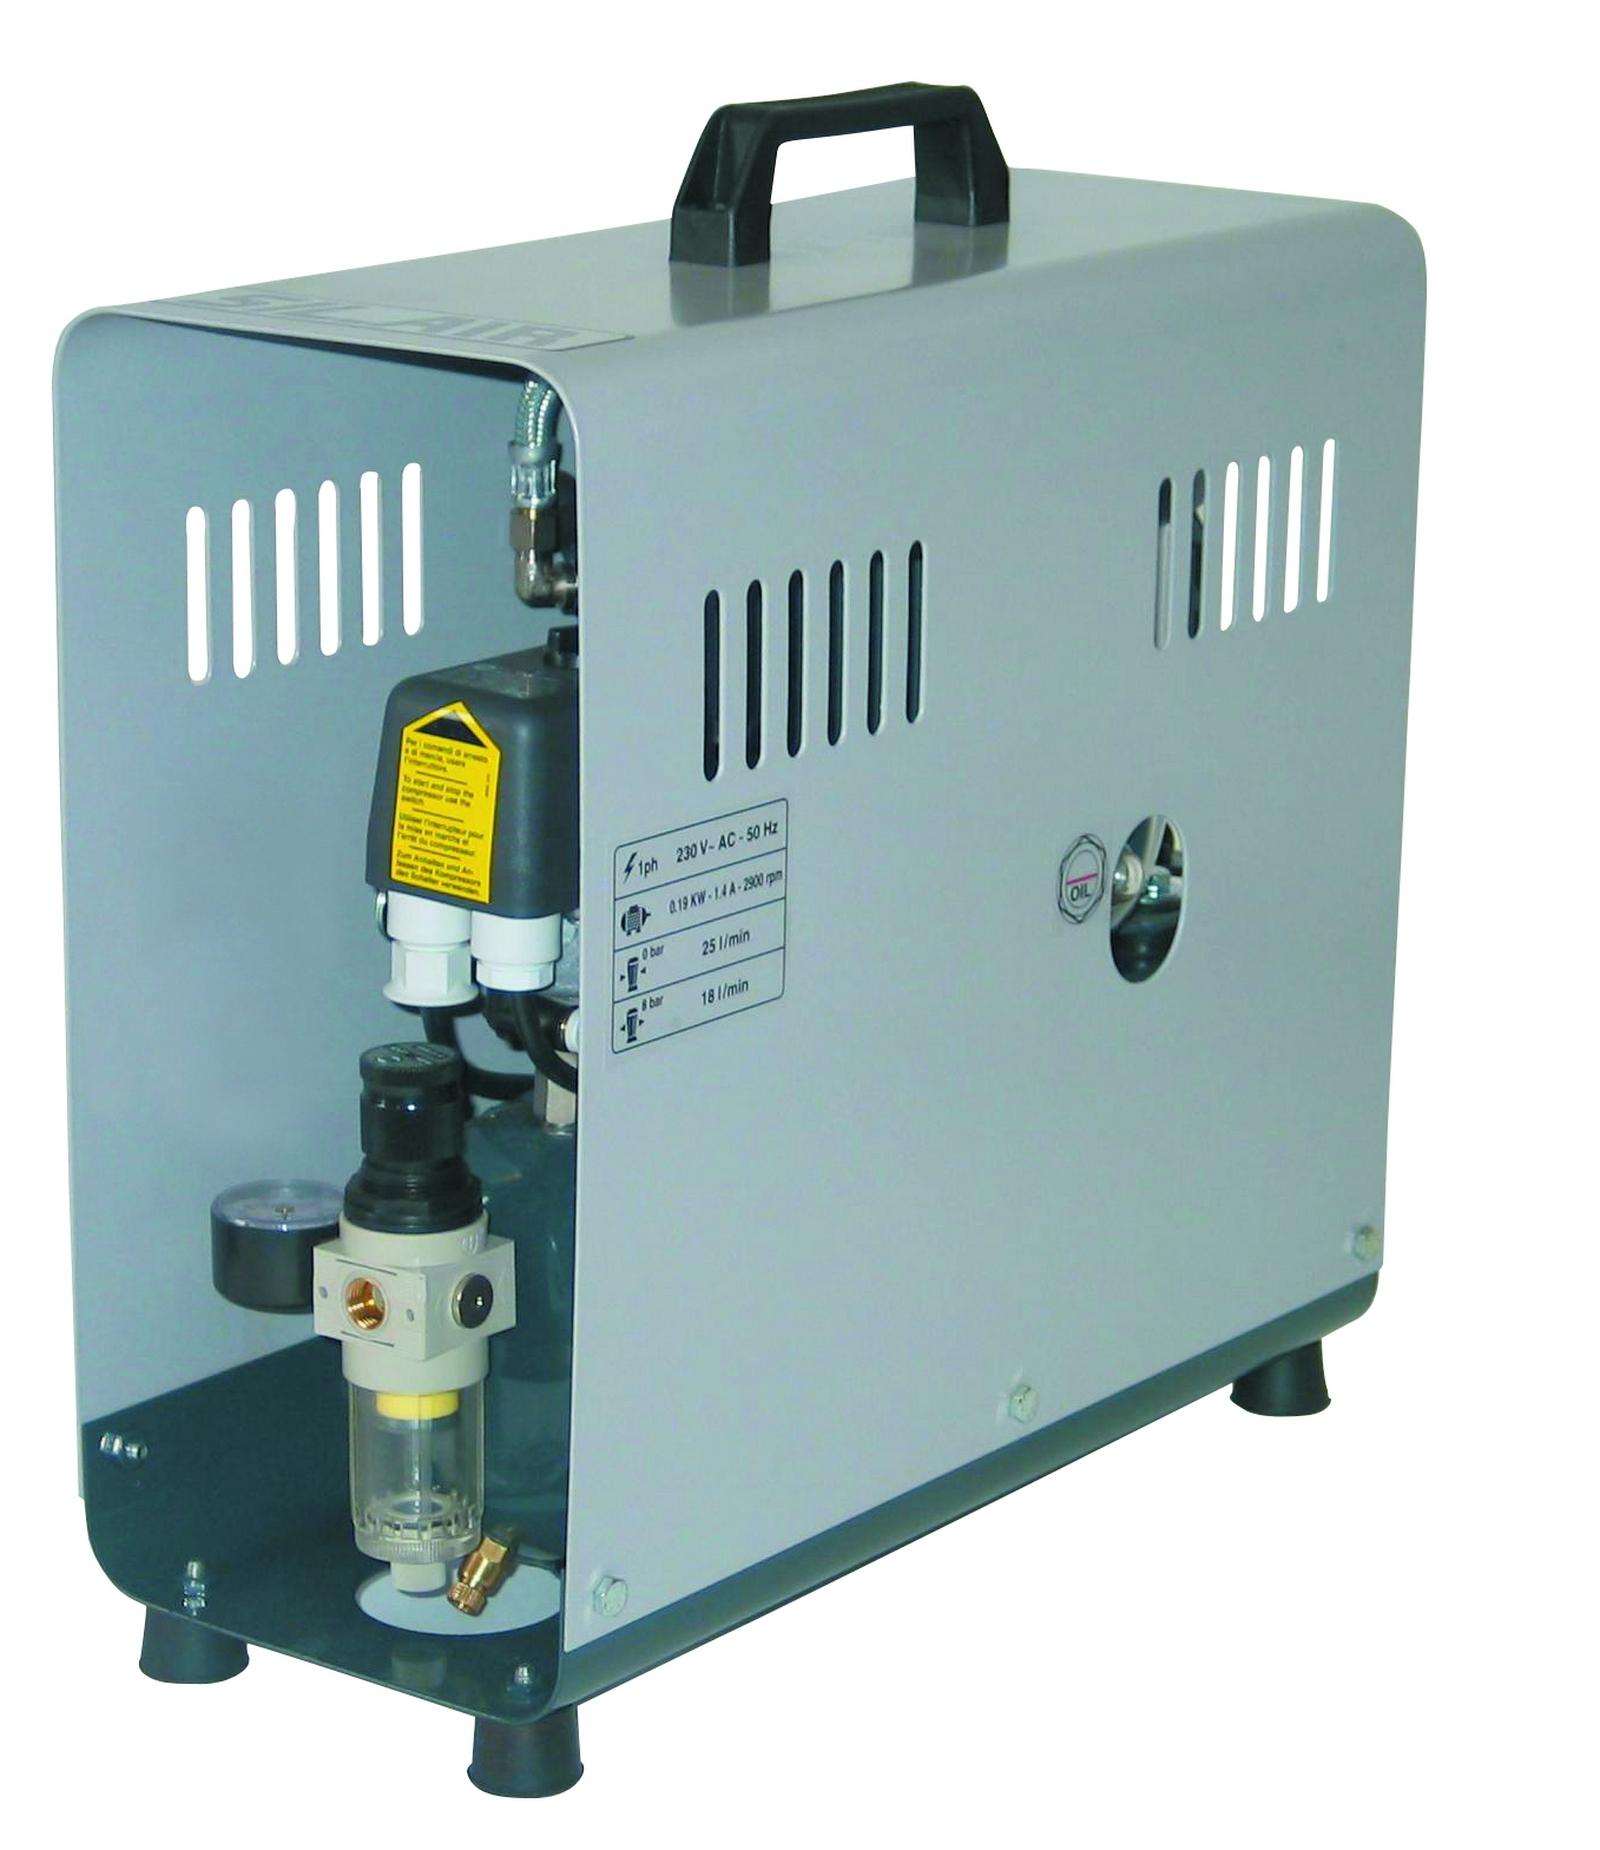 SeA 30-08-4 M - Odhlučnený pístový kompresor Silent Air 0,19 kW